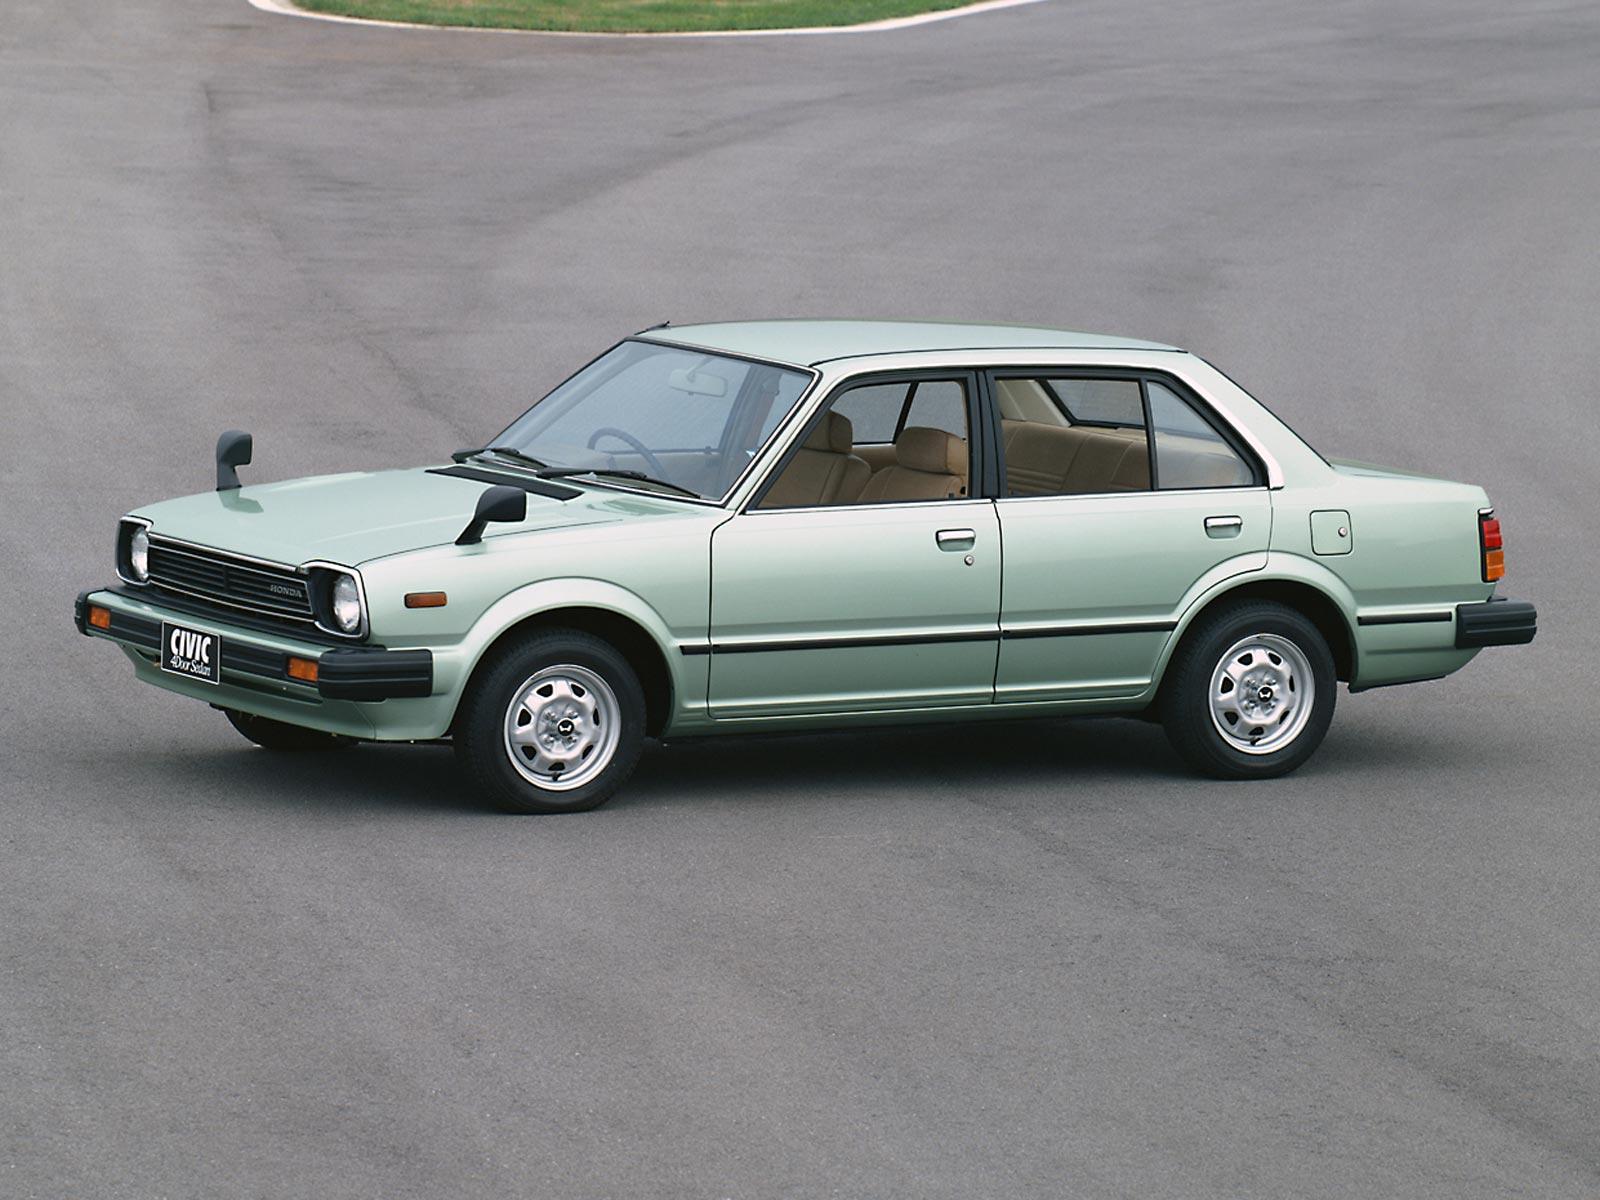 1979 1983 Honda Civic Sedan Autoguru Katalog At